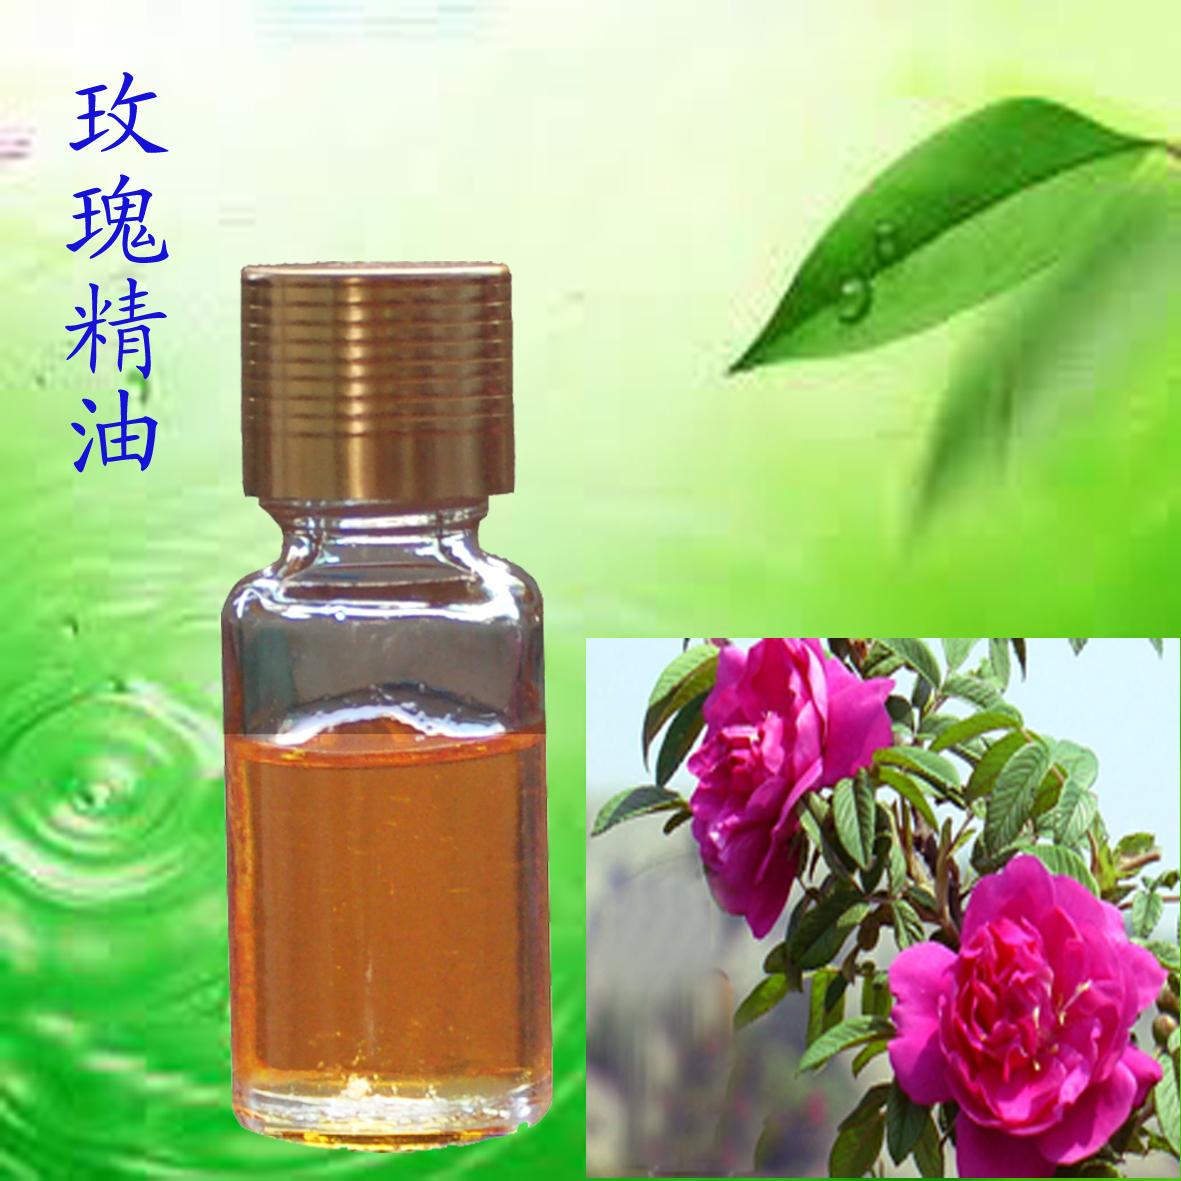 精油,香精,外用药原料生产与销售